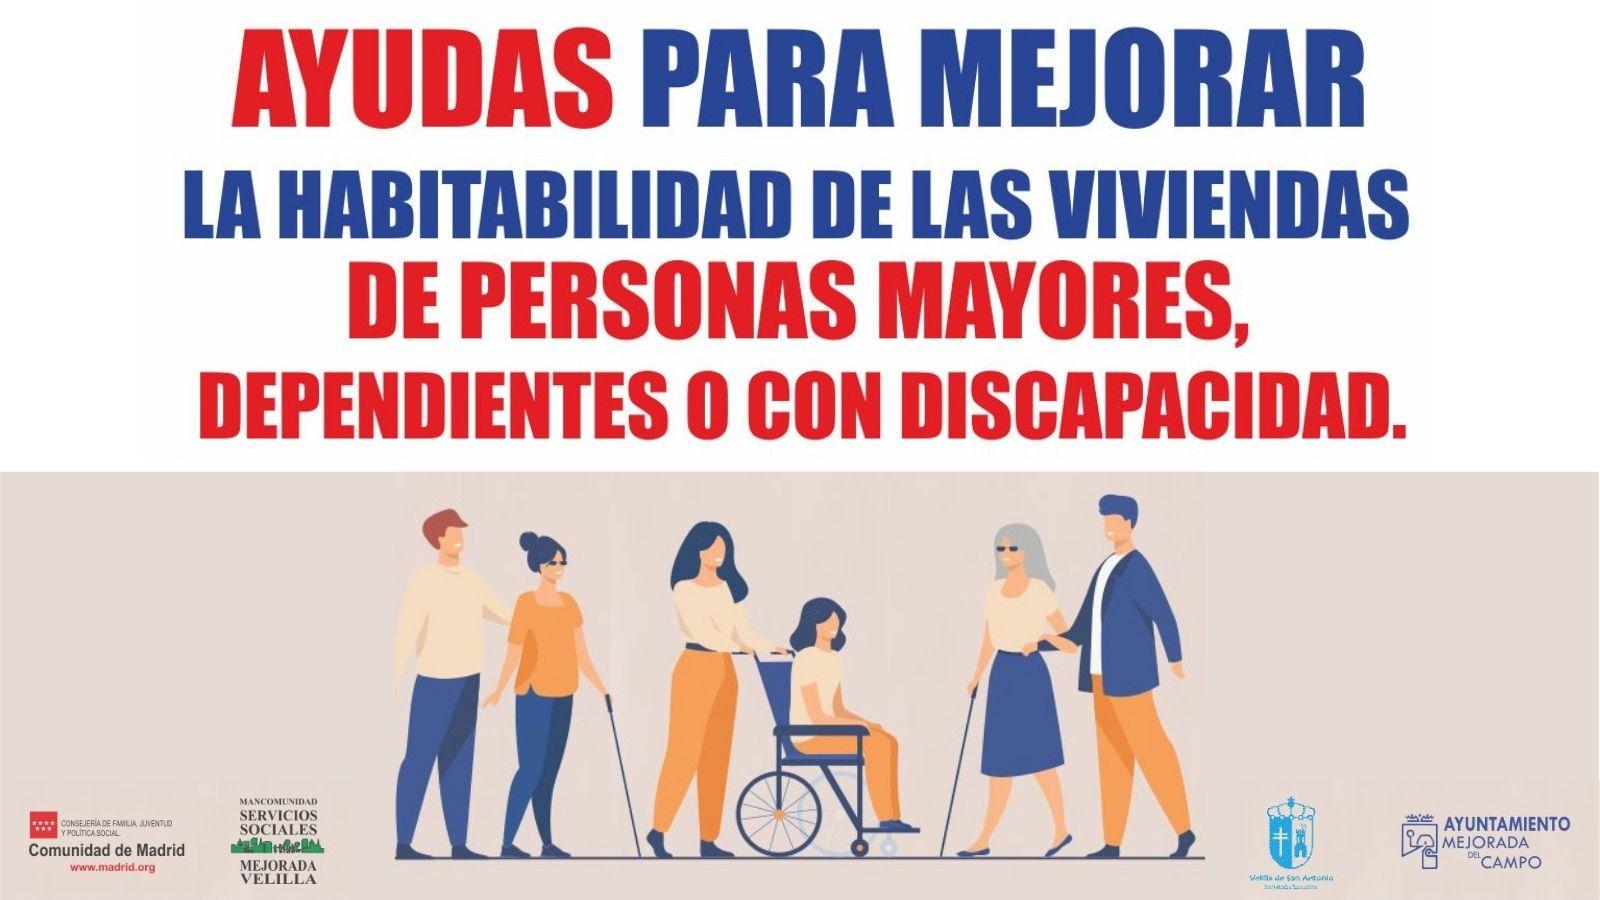 Ayudas para mejorar la habitabilidad de las viviendas de personas mayores, dependientes o con discapacidad